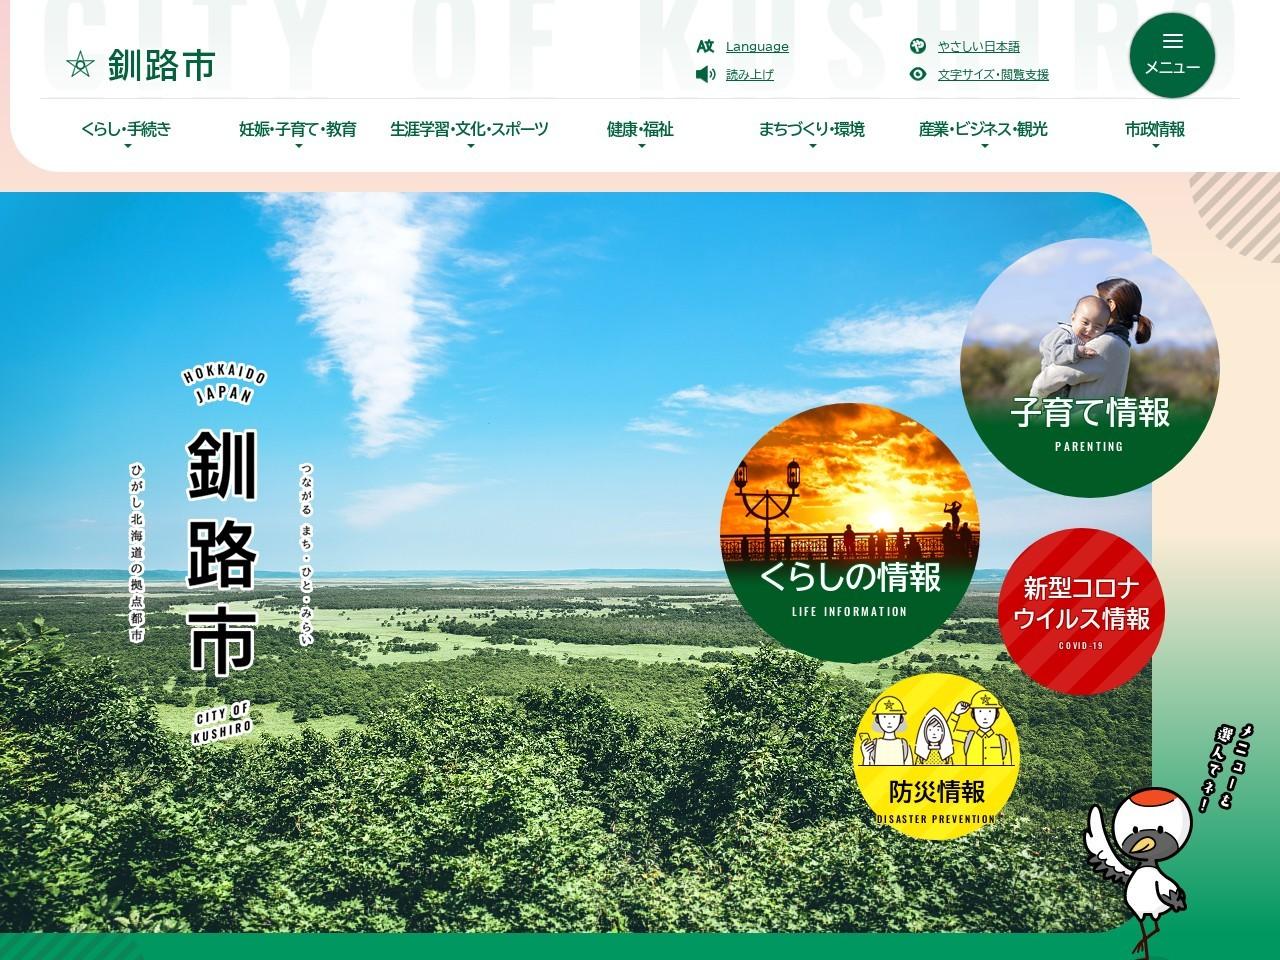 http://www.city.kushiro.lg.jp/kurashi/koseki/passport/0001.html